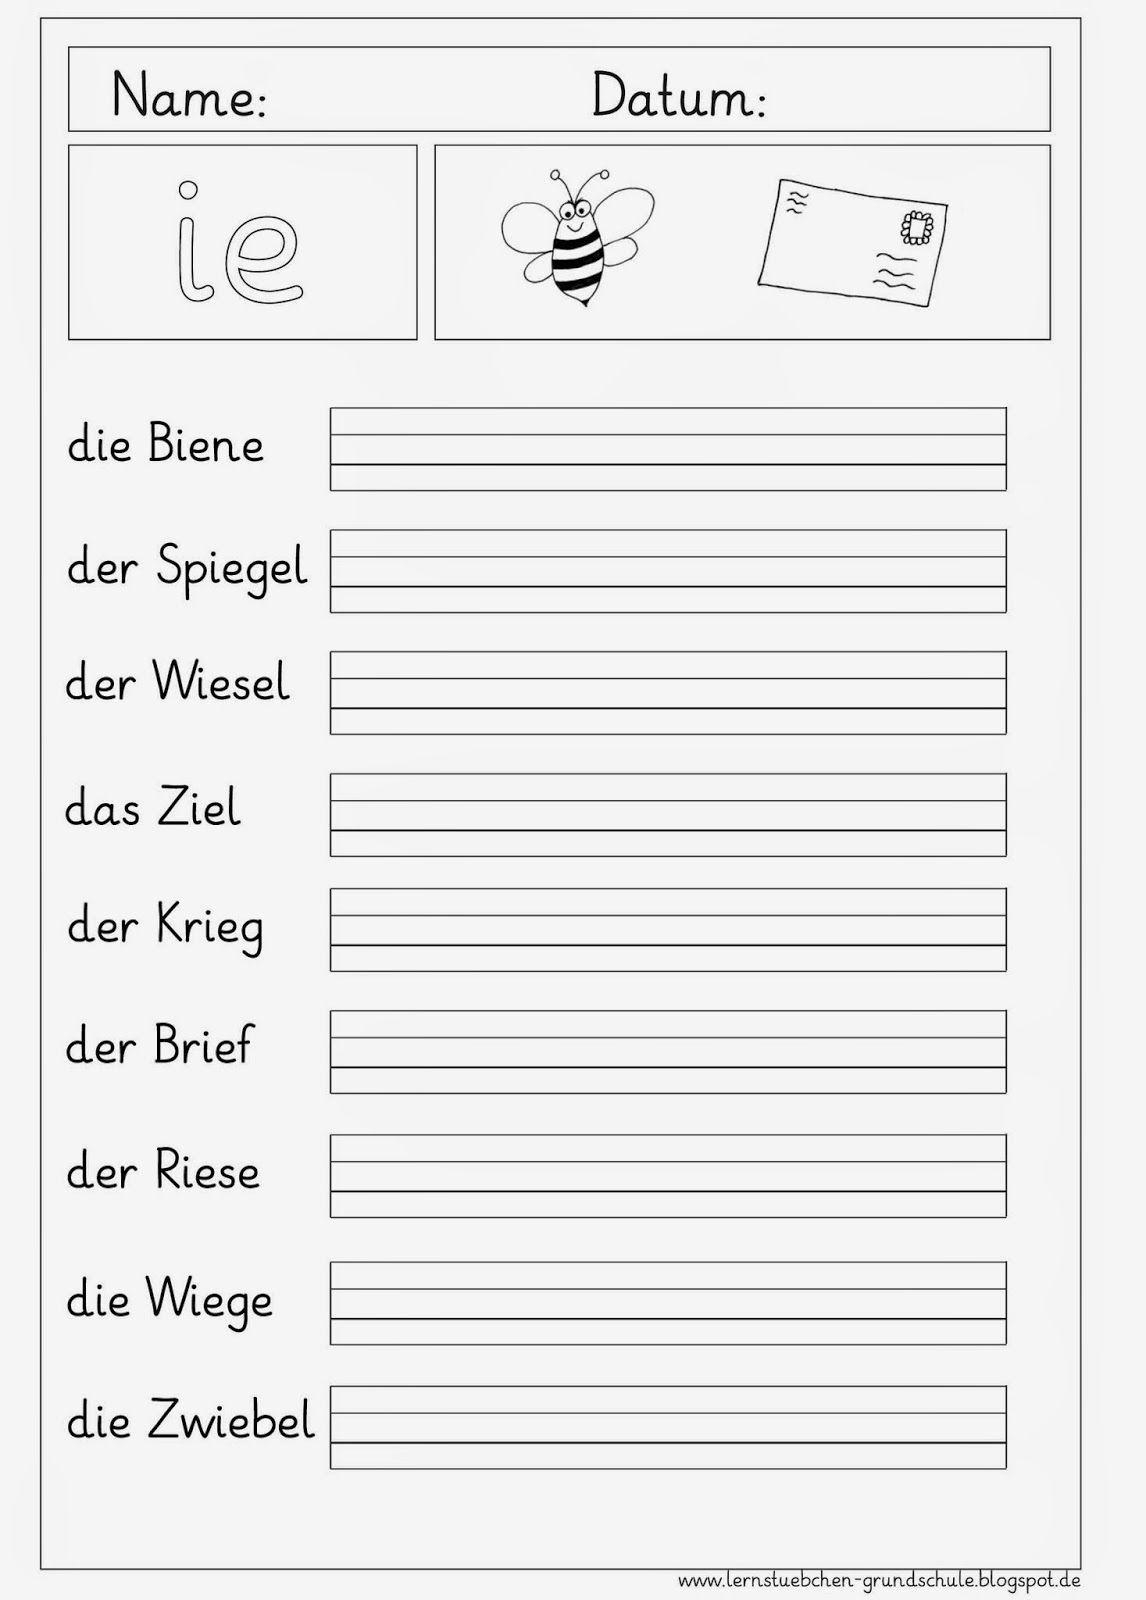 Arbeitsblätter Grundschule 1 Klasse Ausdrucken Lernstübchen innen Arbeitsblätter Deutsch 1 Klasse